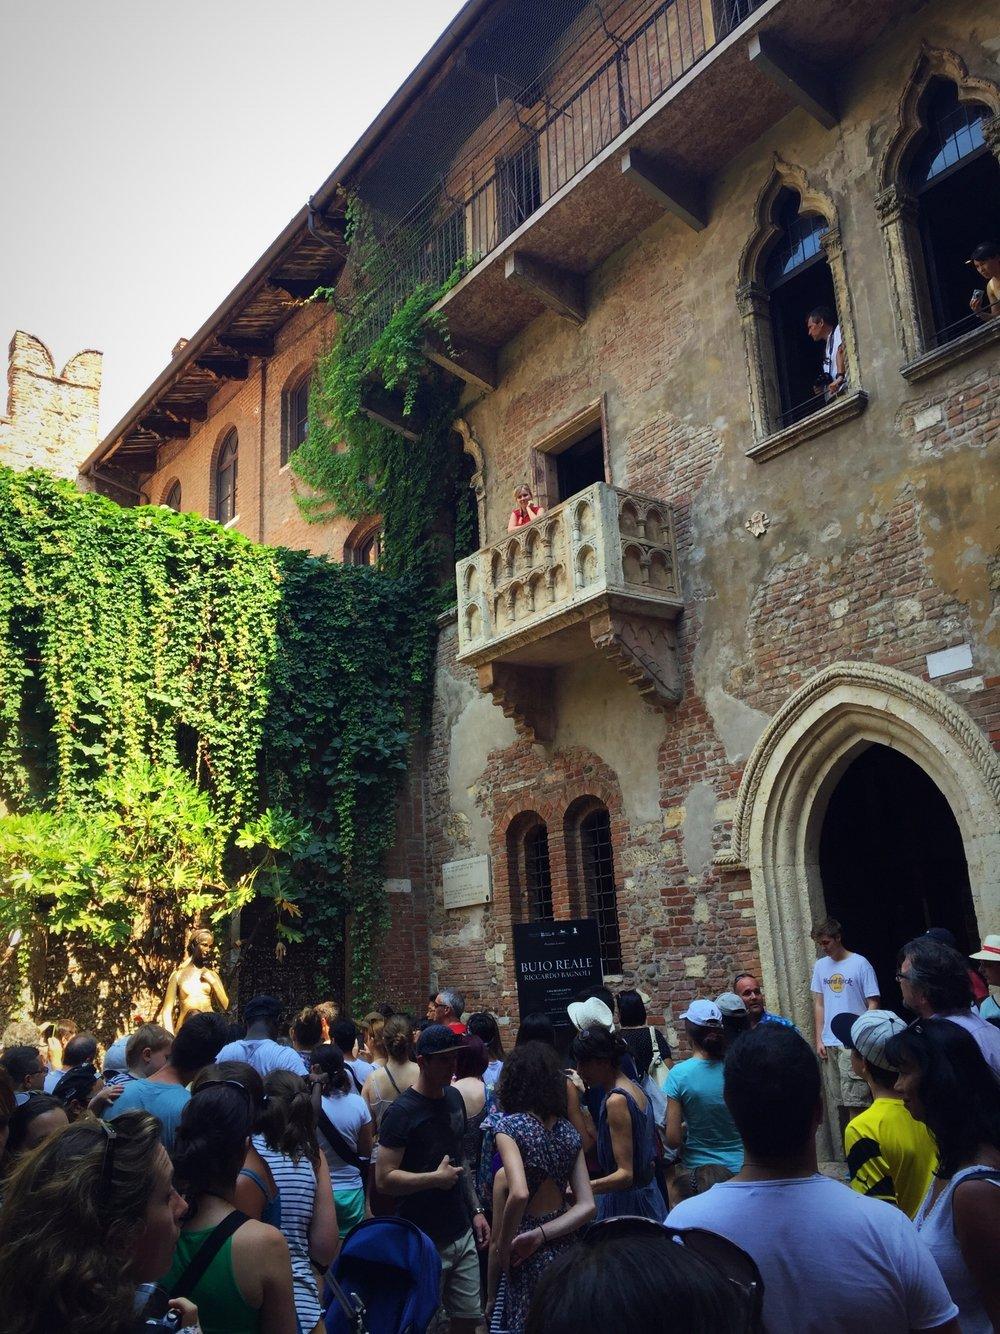 Juliet's balcony overlooking the Romantic Courtyard where Juliet's bronze statue stands